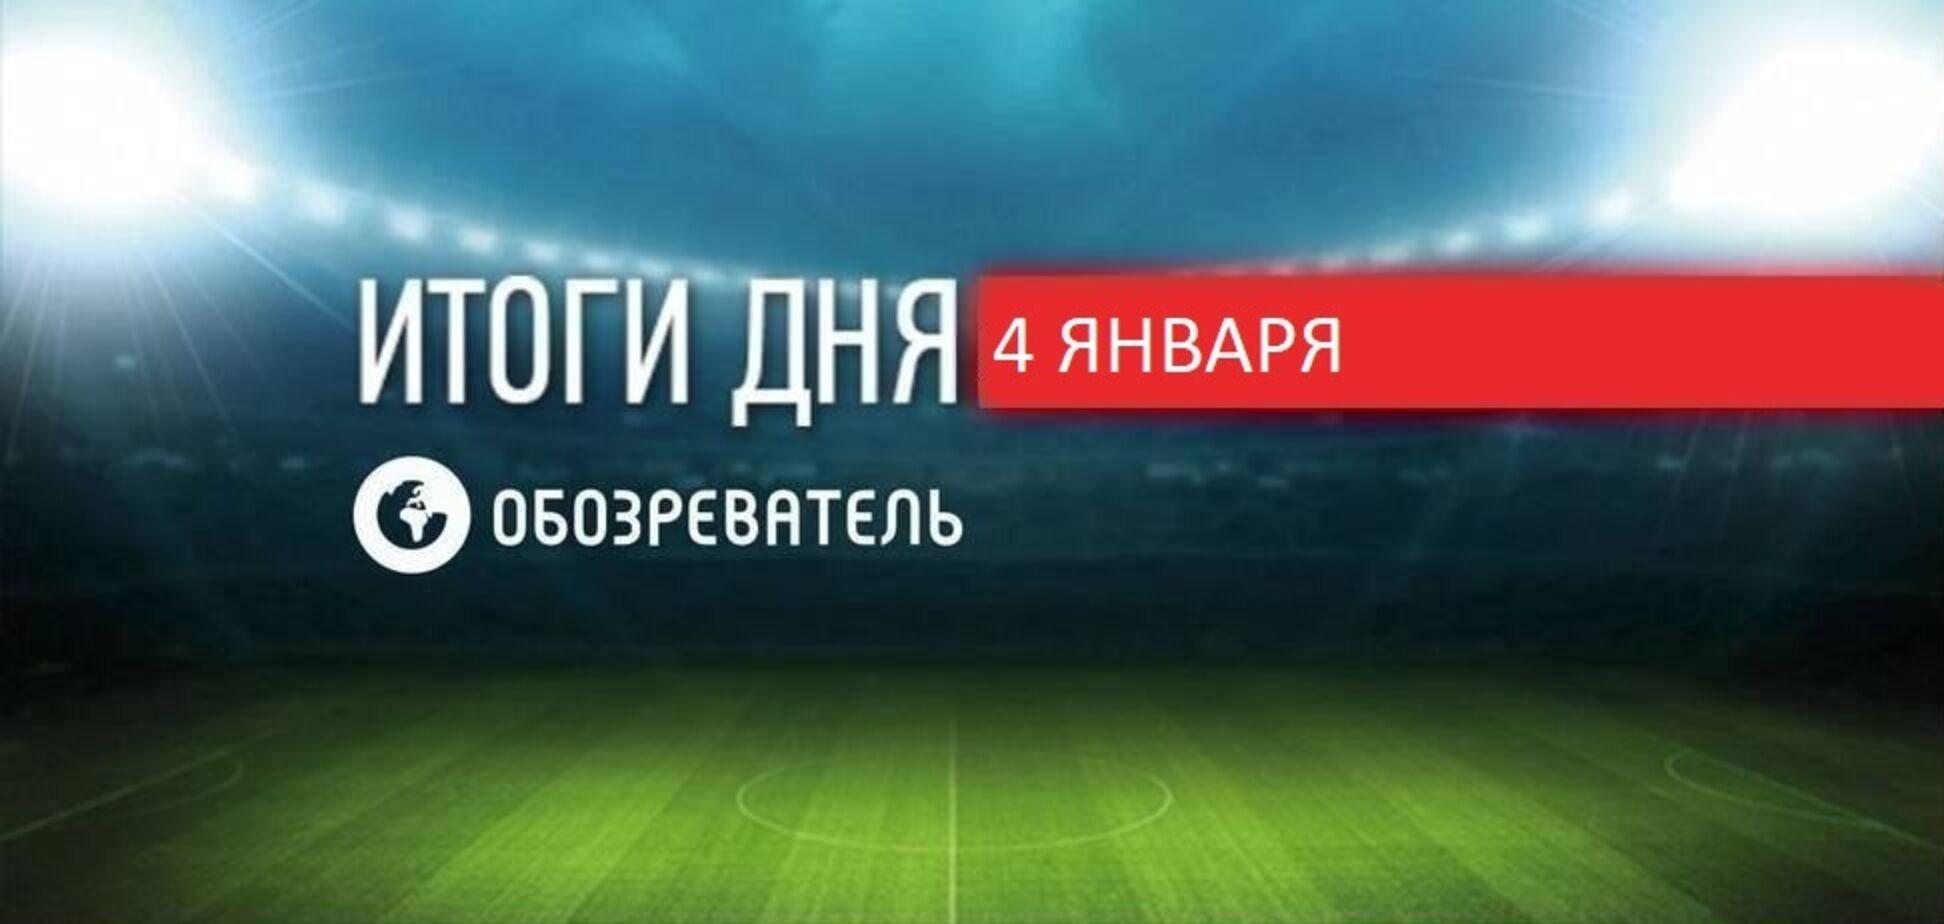 Шевченко може піти зі збірної України в 'Челсі': спортивні підсумки 4 січня